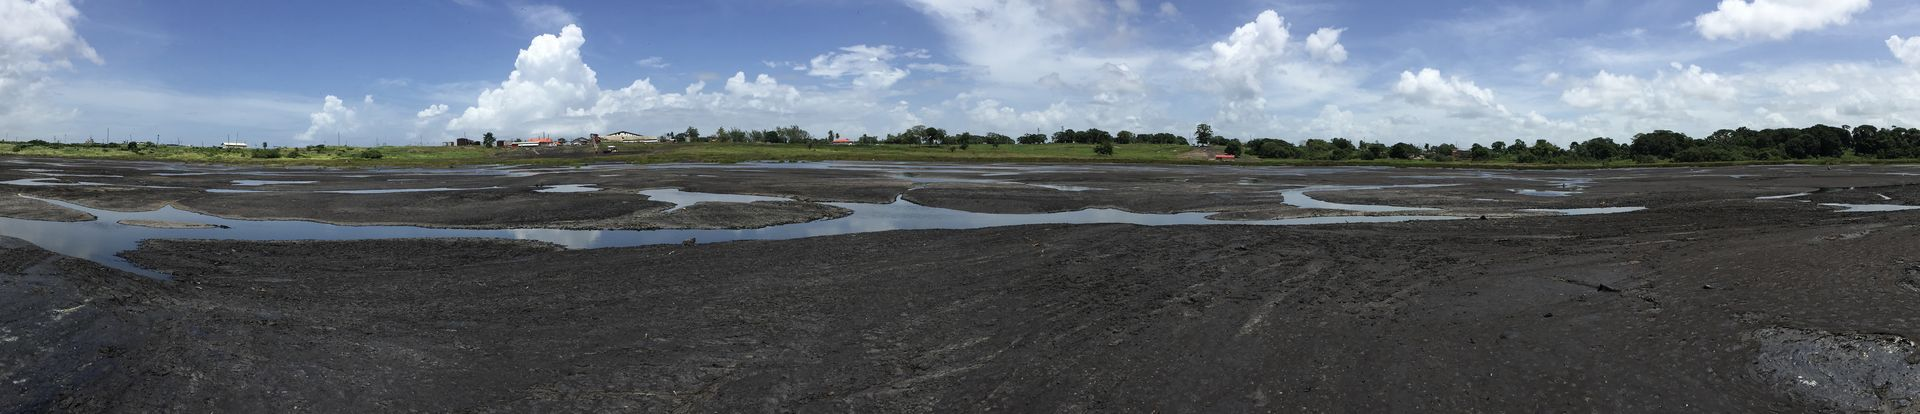 40 Hektar groß ist der Pitch Lake. An manchen Stellen ist er bis zu 100 Meter tief.